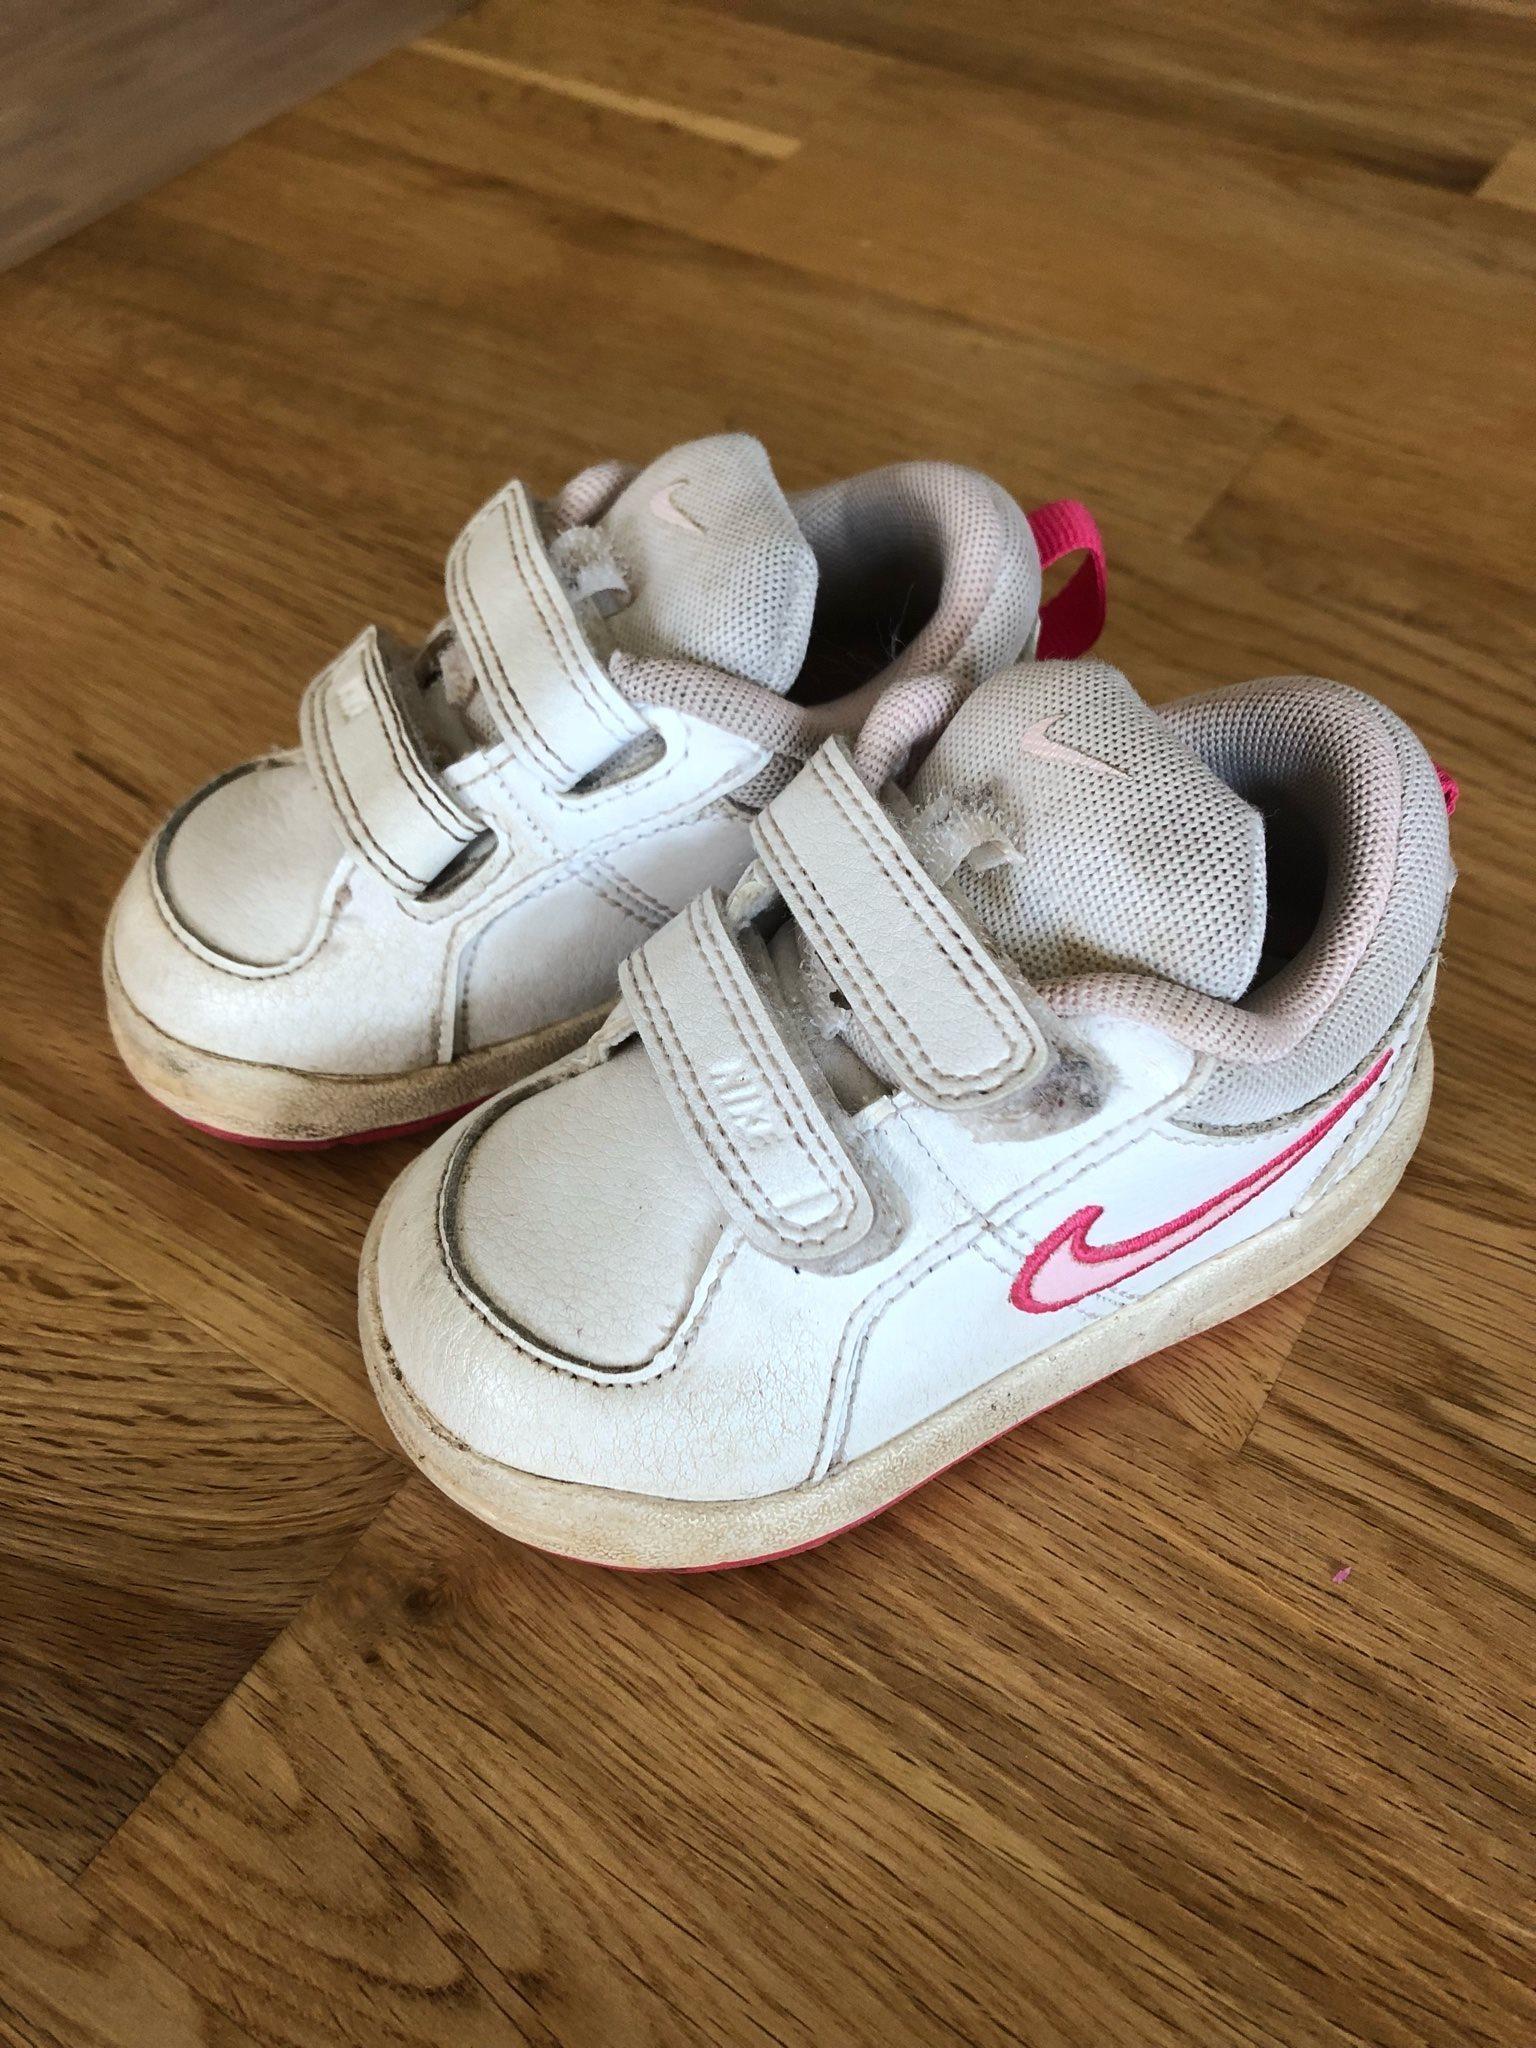 Nike-skor stl 19.5 för baby- perfekta lära-gå s.. (327605407) ᐈ Köp ... f9084f28e976e